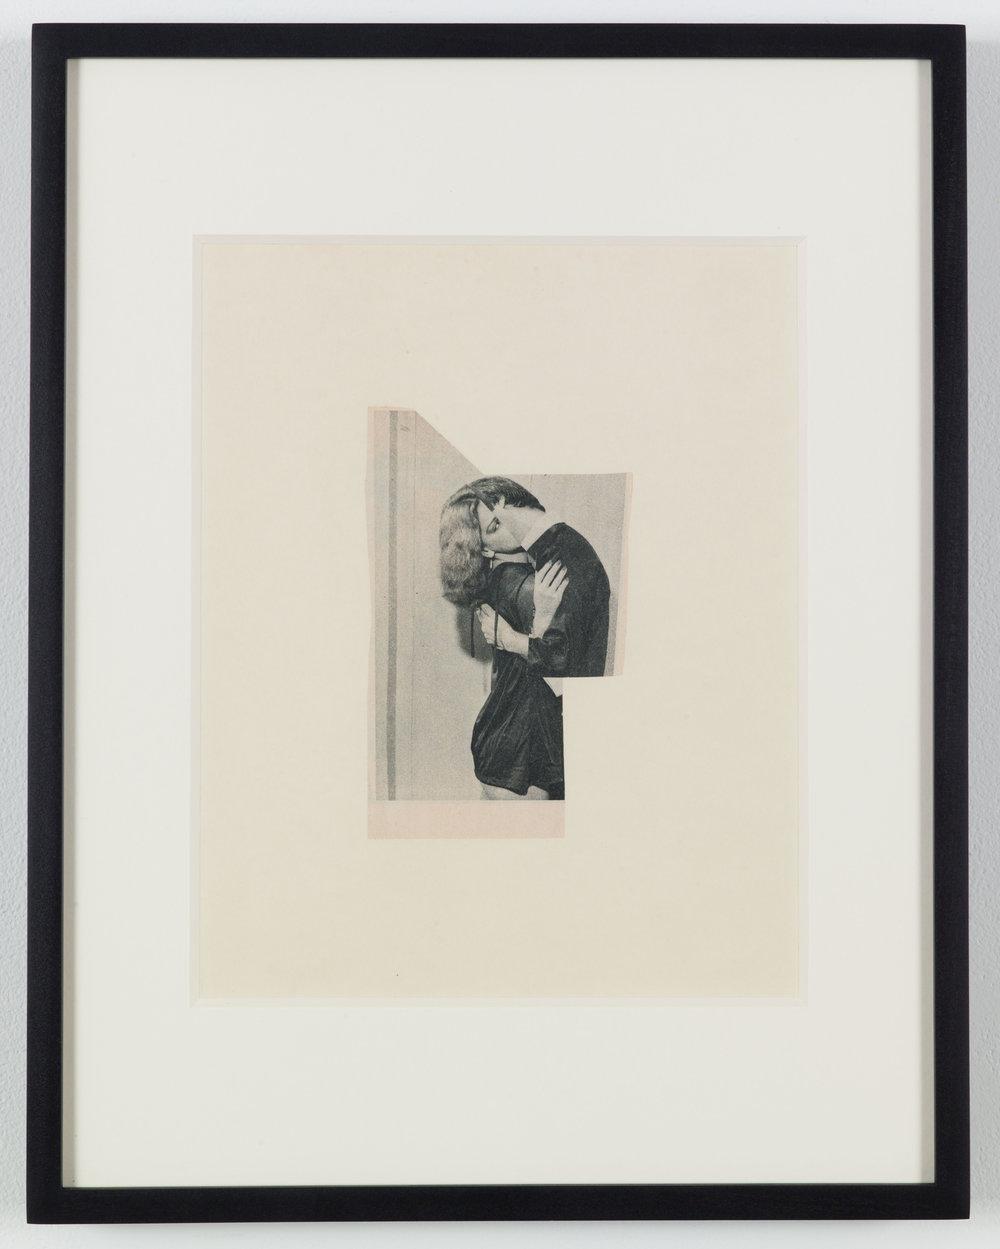 The Voyeur 1 (Photoroman), 1976, Collage © John Stezaker & Petzel Gallery